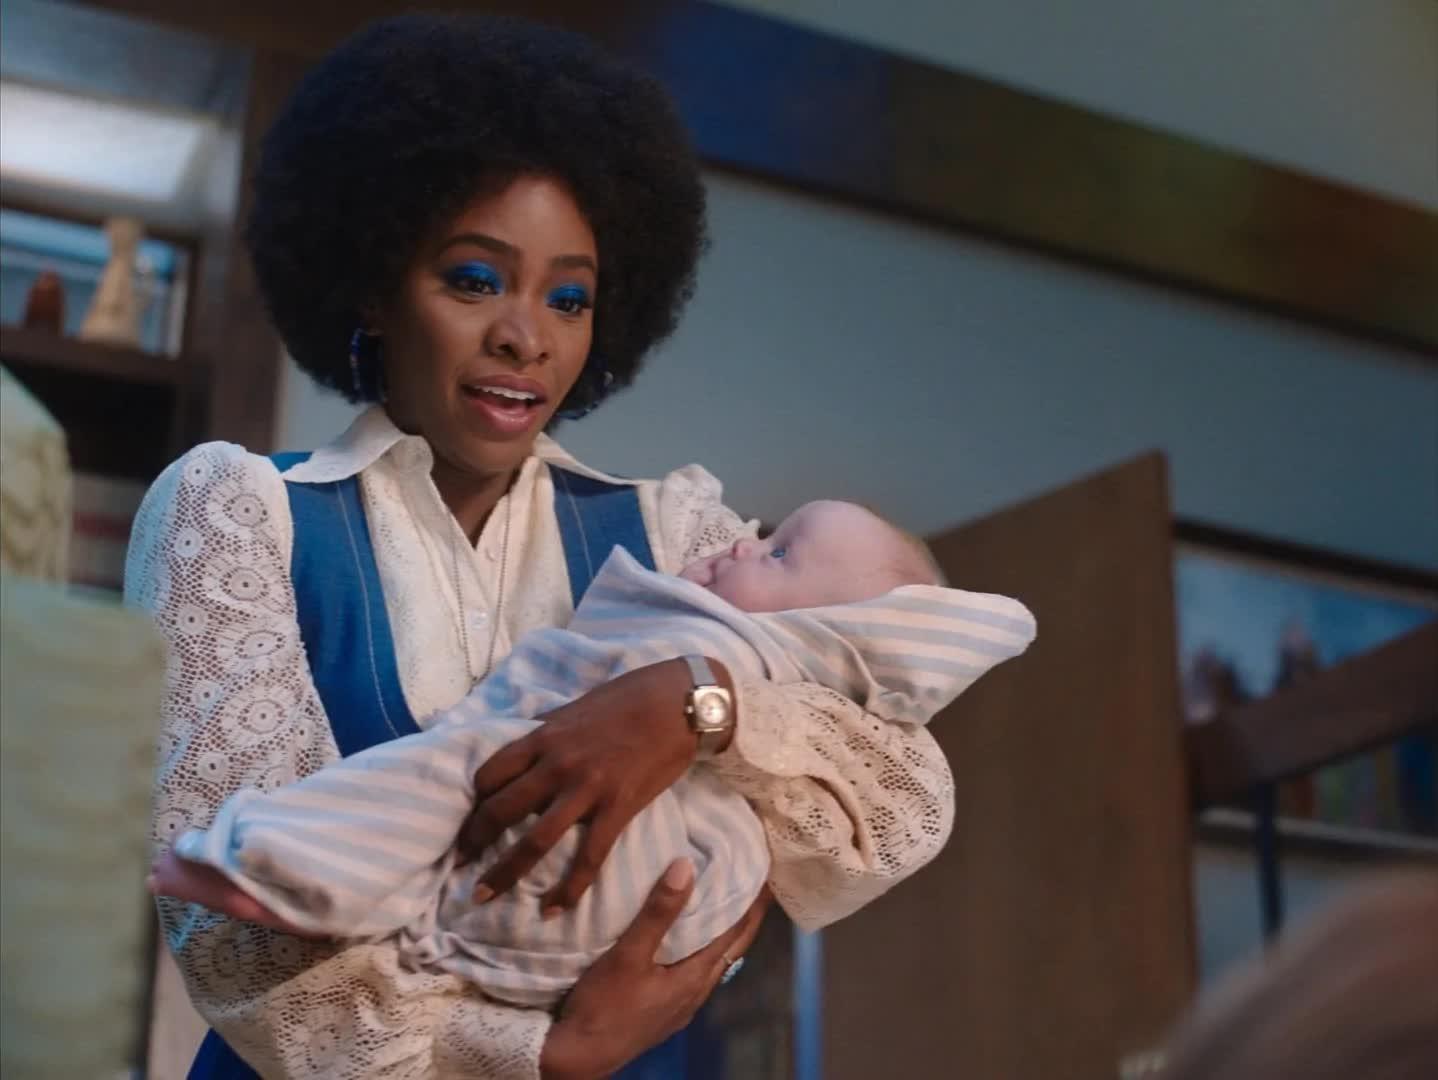 Giải mã loạt chi tiết hiểm hóc ở WandaVision tập 3: Cặp song sinh là của... Wanda với kẻ khác, còn chồng thì vẫn chẳng biết gì! - Ảnh 5.